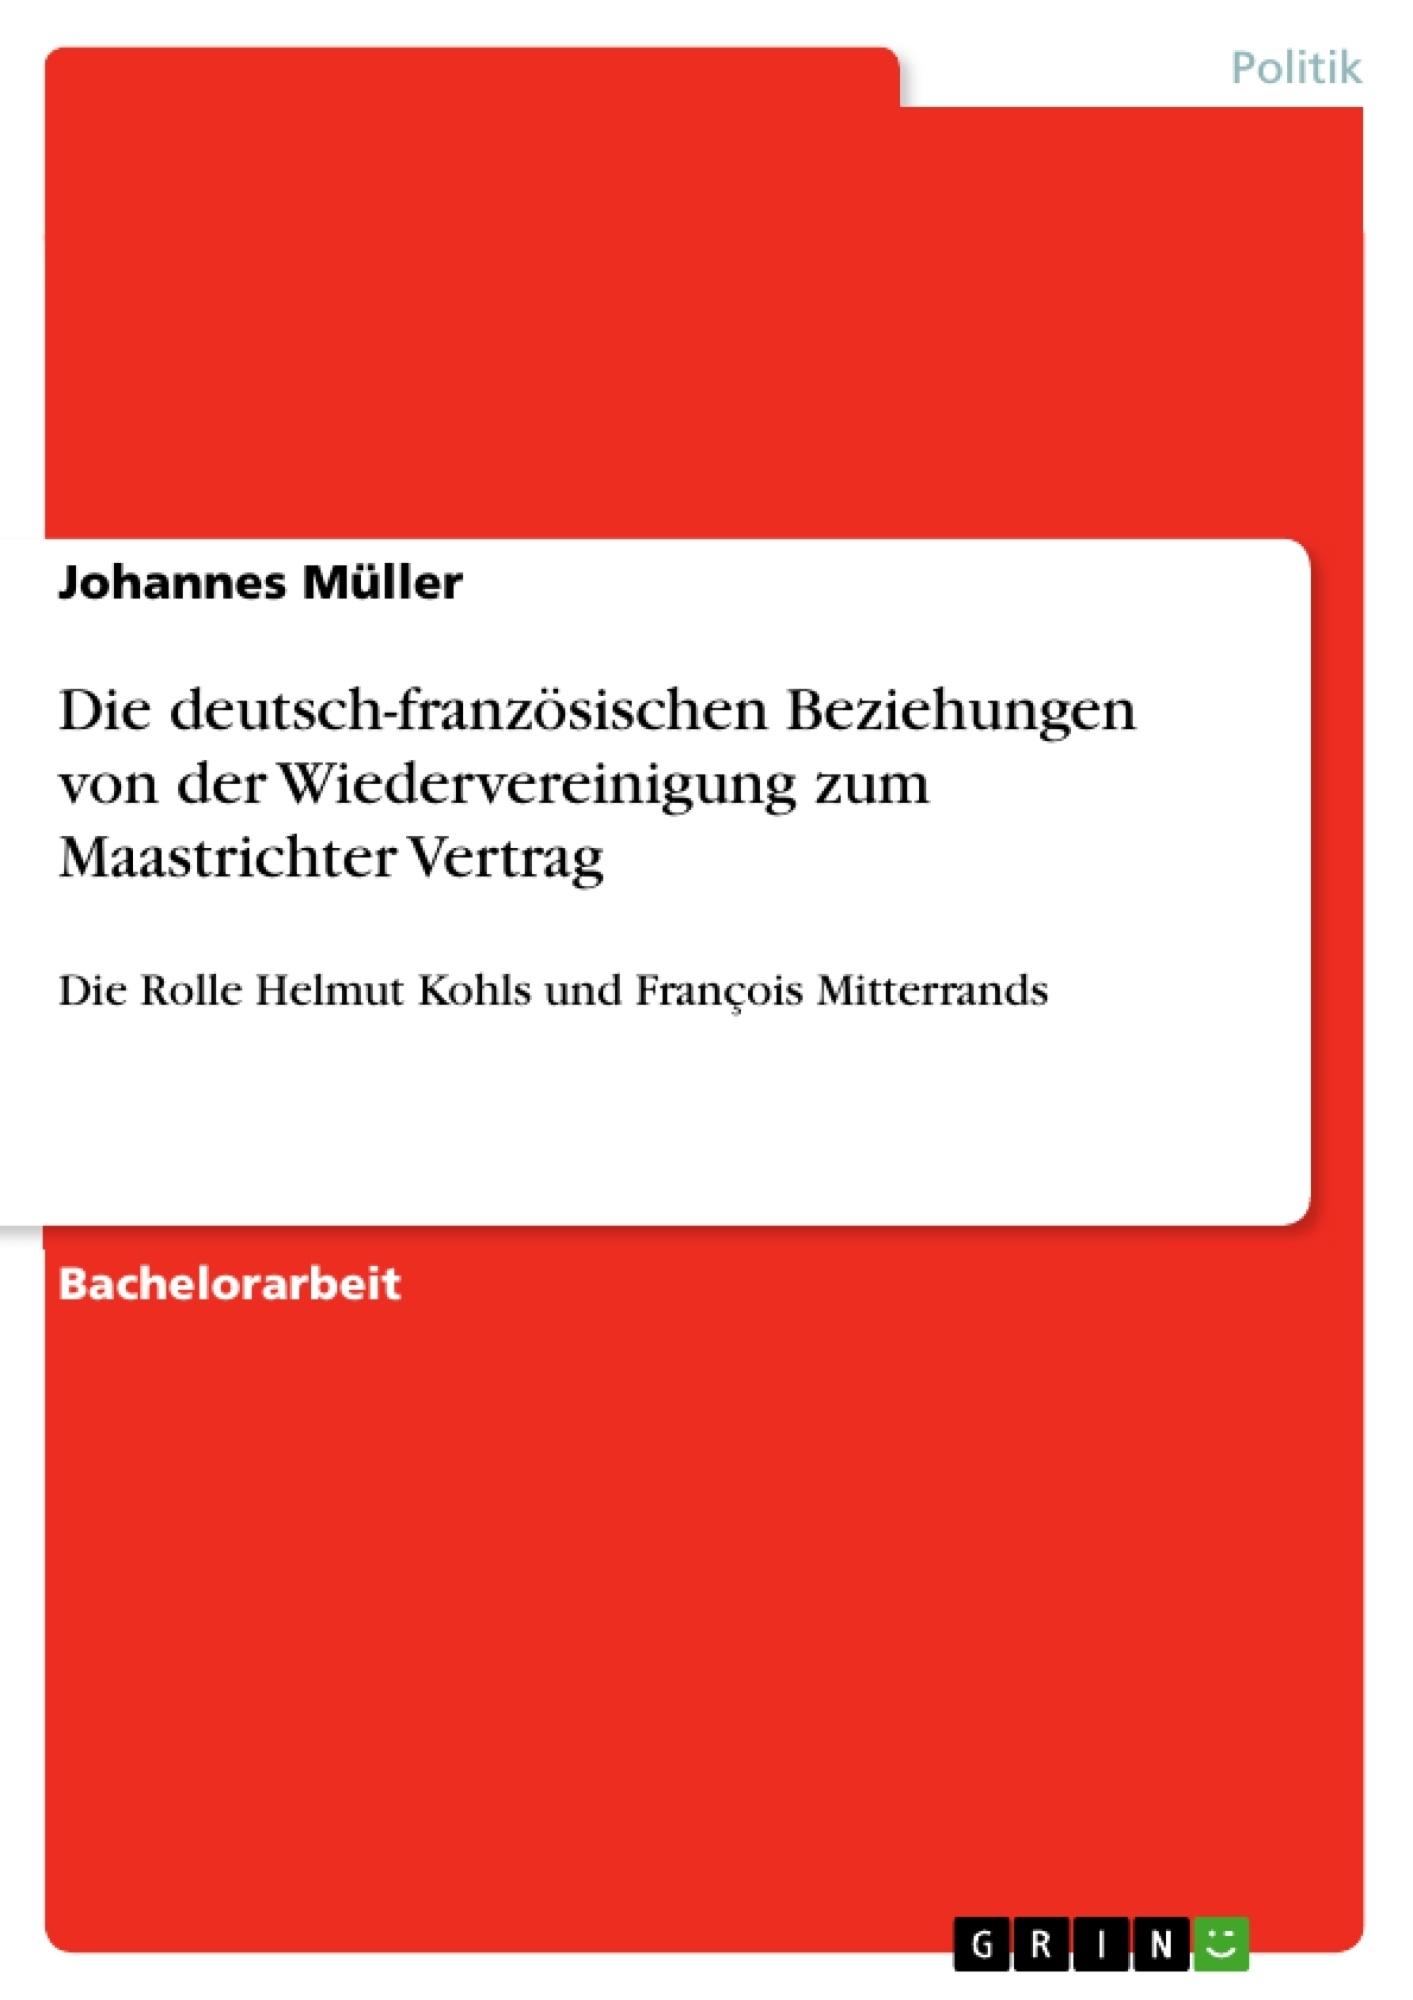 Titel: Die deutsch-französischen Beziehungen von der Wiedervereinigung zum Maastrichter Vertrag